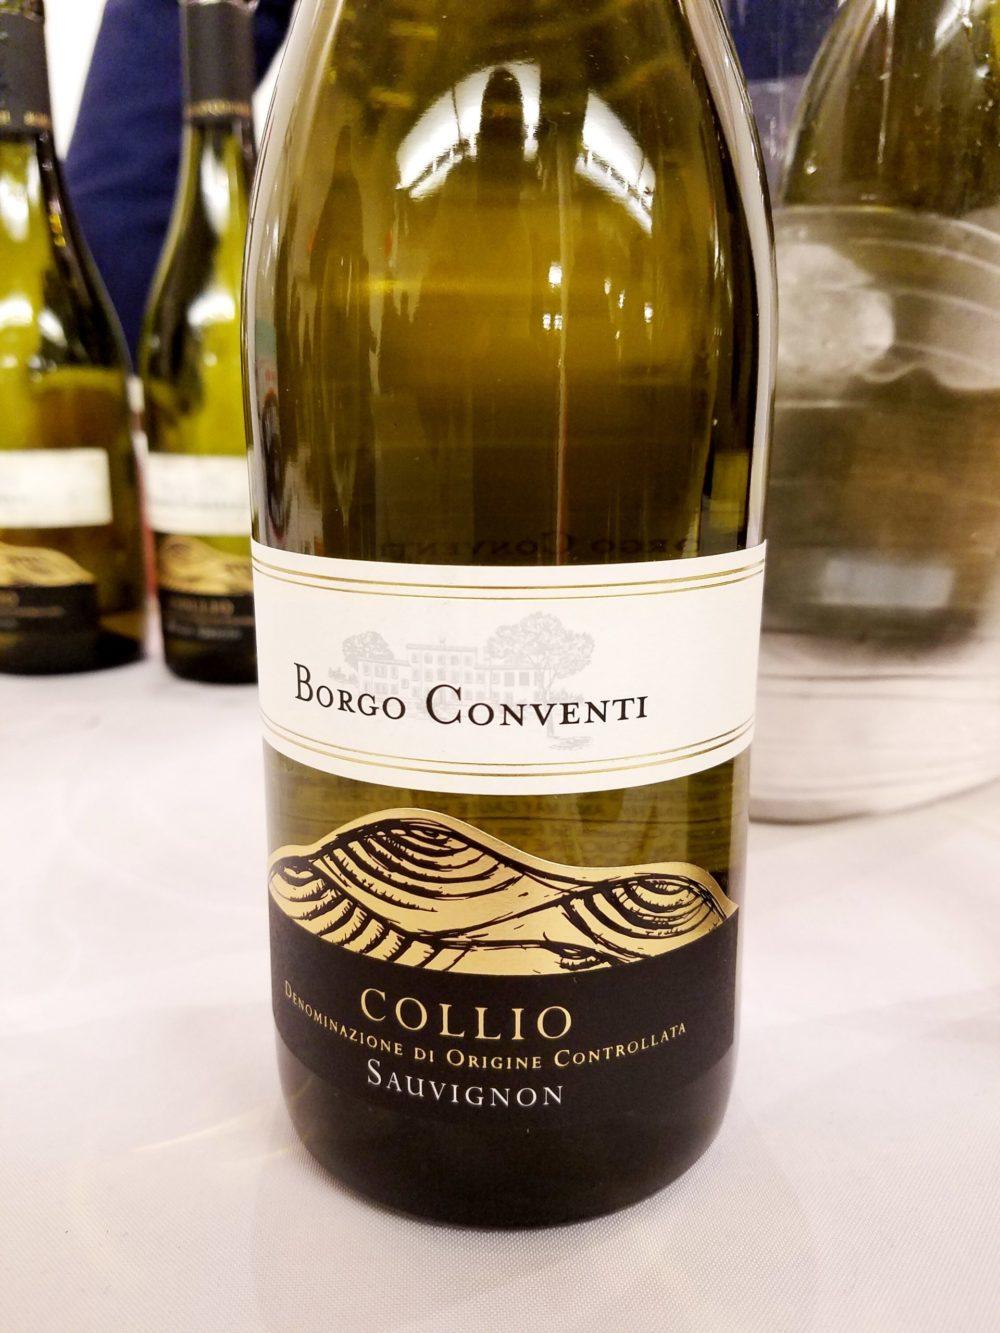 Borgo Conventi Collio Sauvignon 2018, Gambero Rosso New York Winetasting, Wine Casual